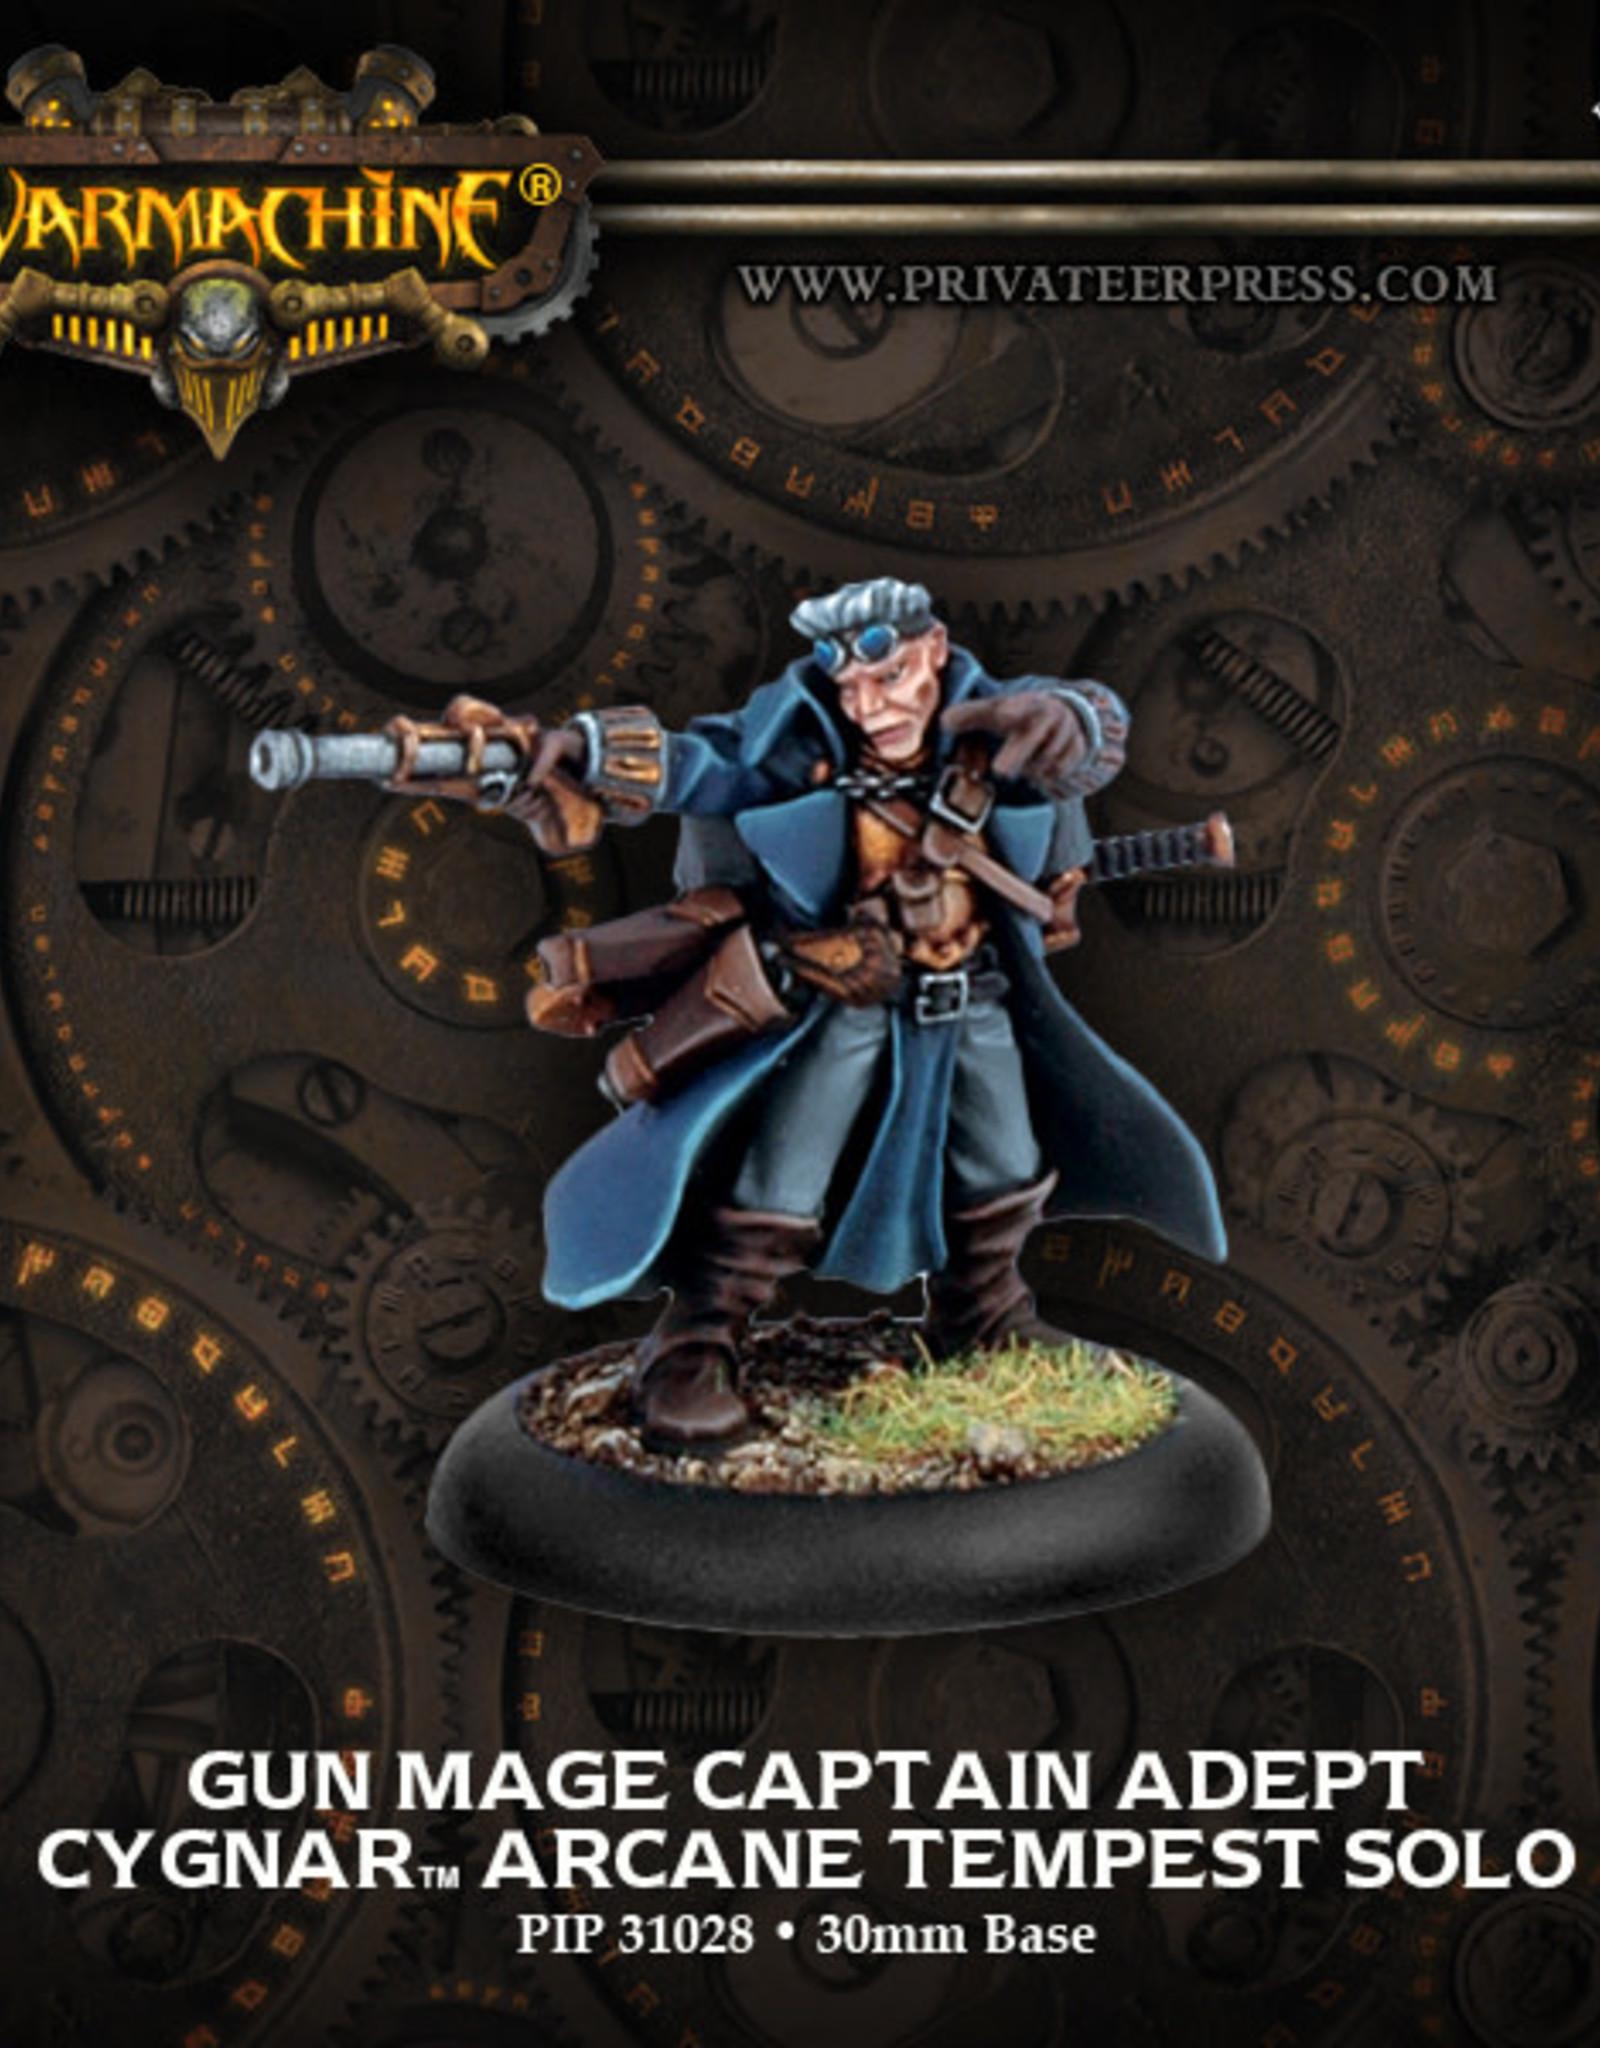 Warmachine Cygnar - Gun Mage Adept